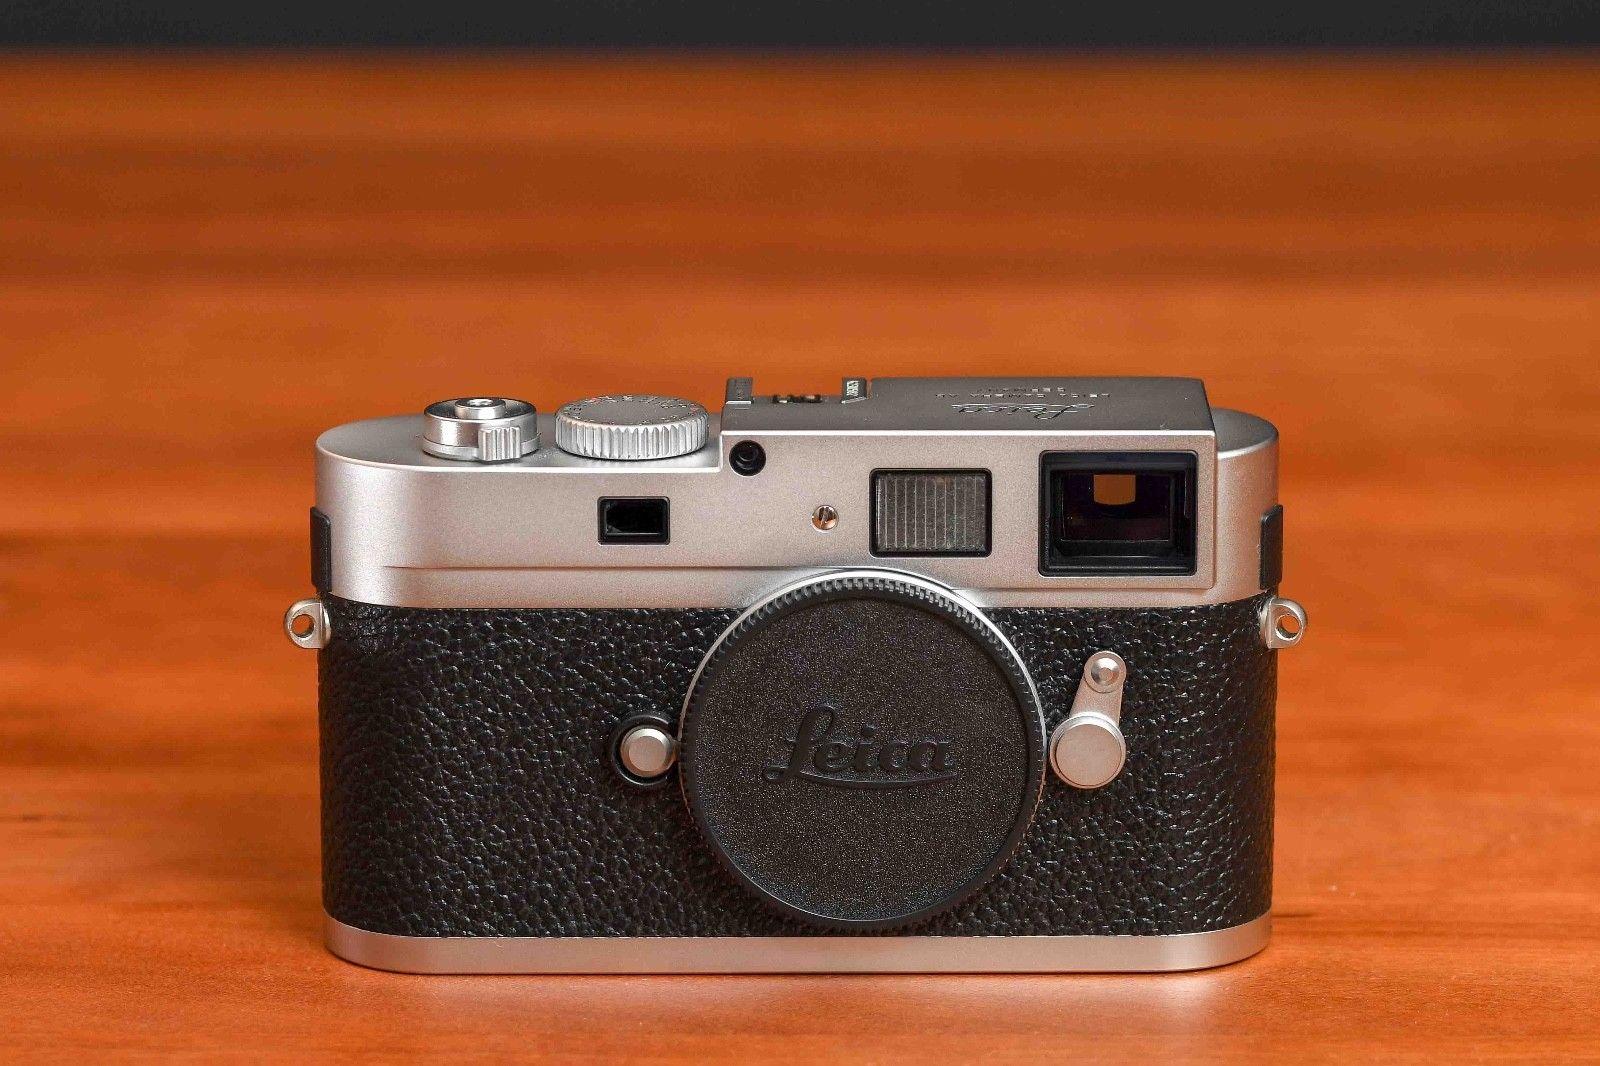 Leica M M9-P silber - 18.0MP Digitalkamera - Nur 1.820 Auslösungen!